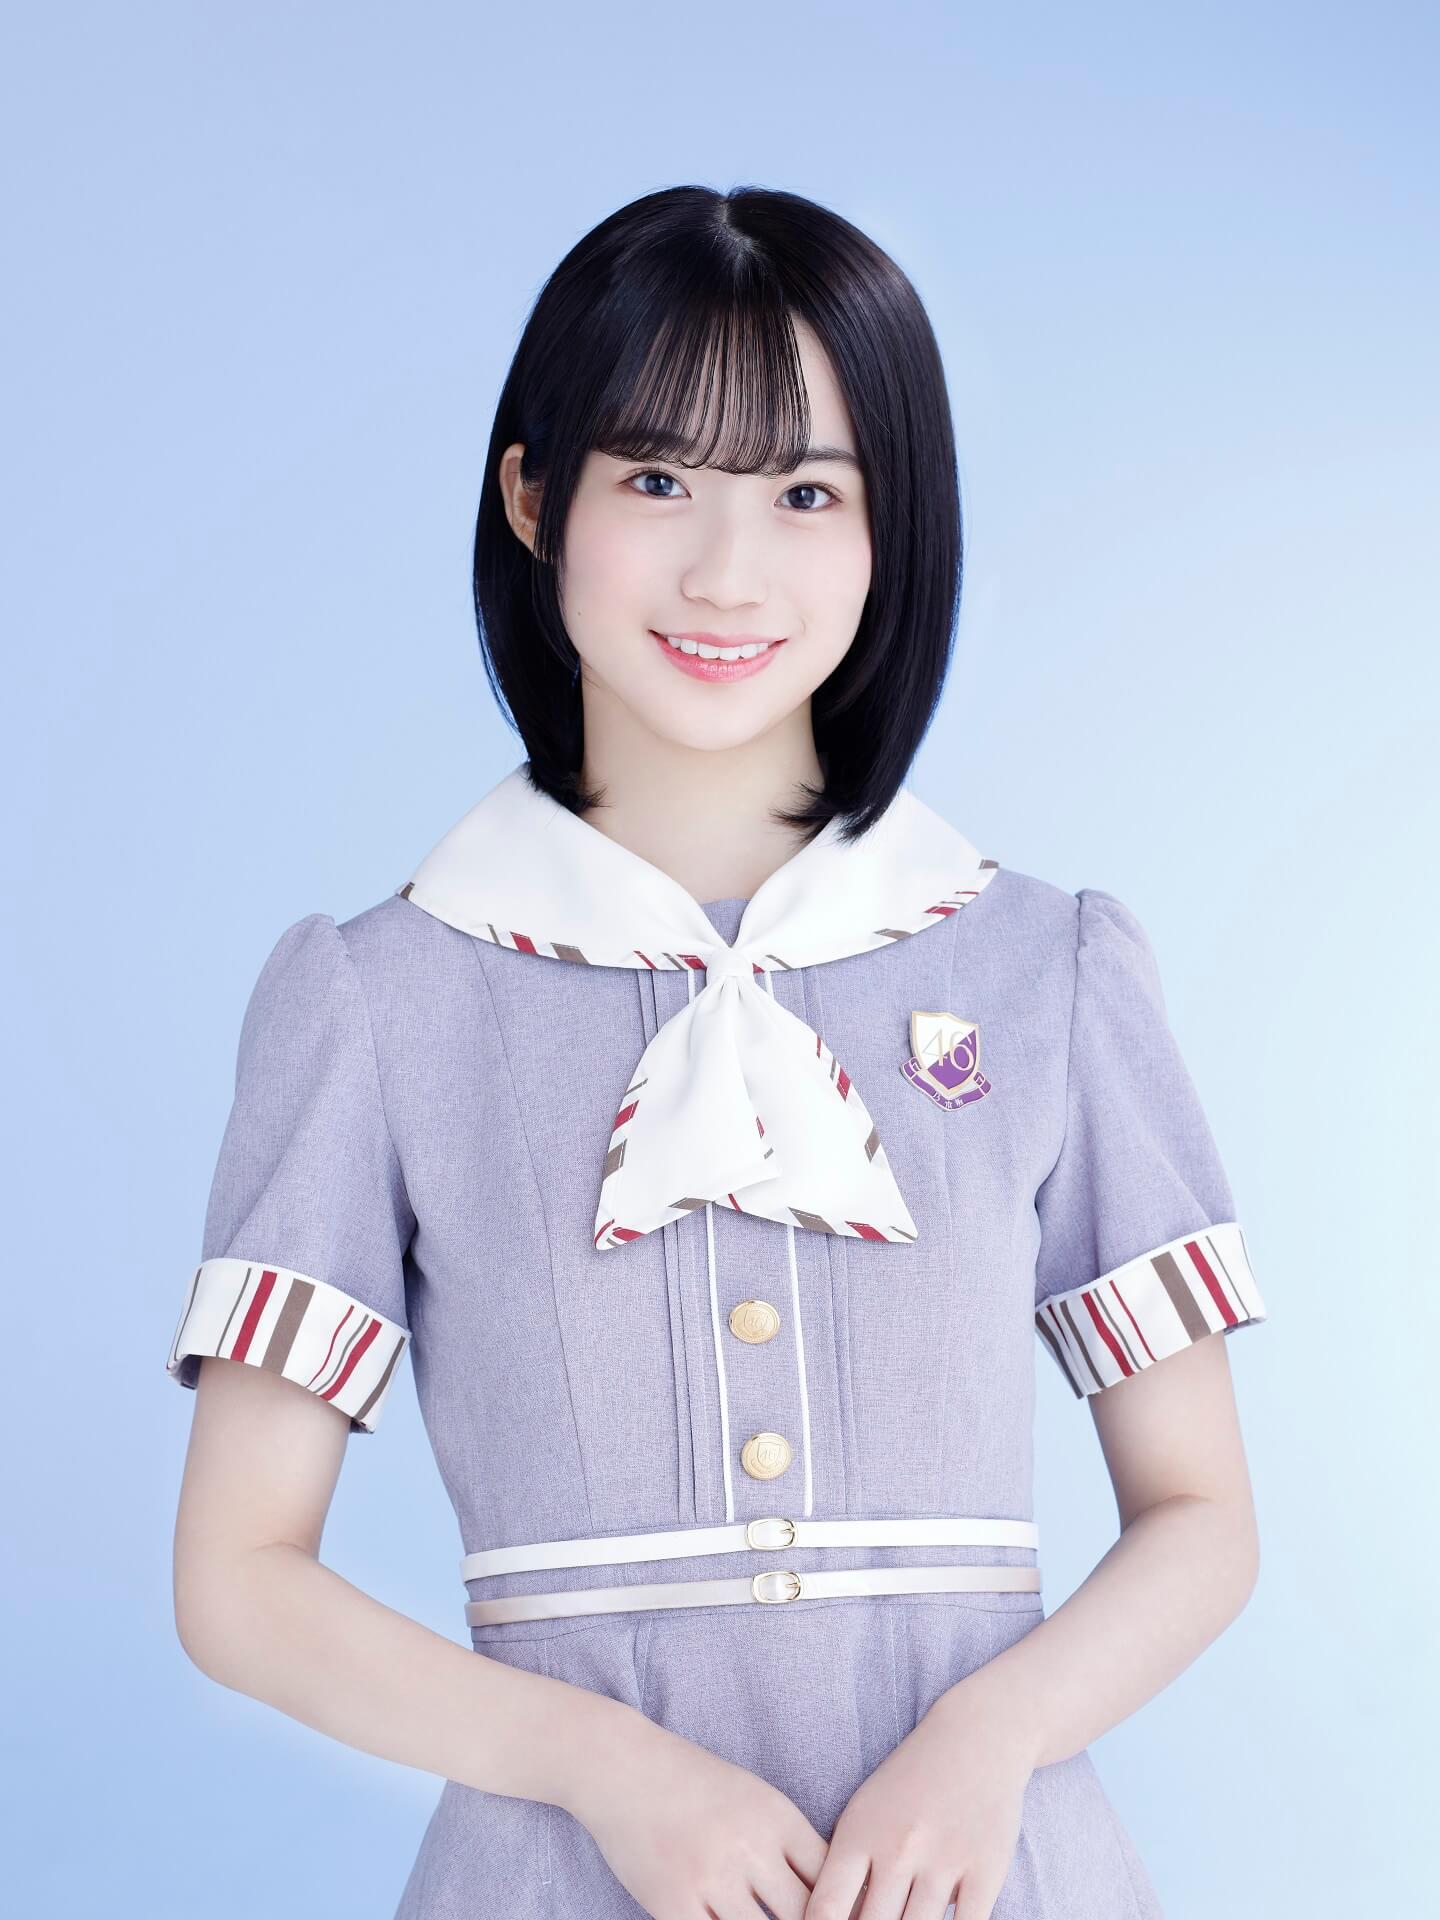 10月3日(日)よる6時から 4期生・掛橋沙耶香が登場!